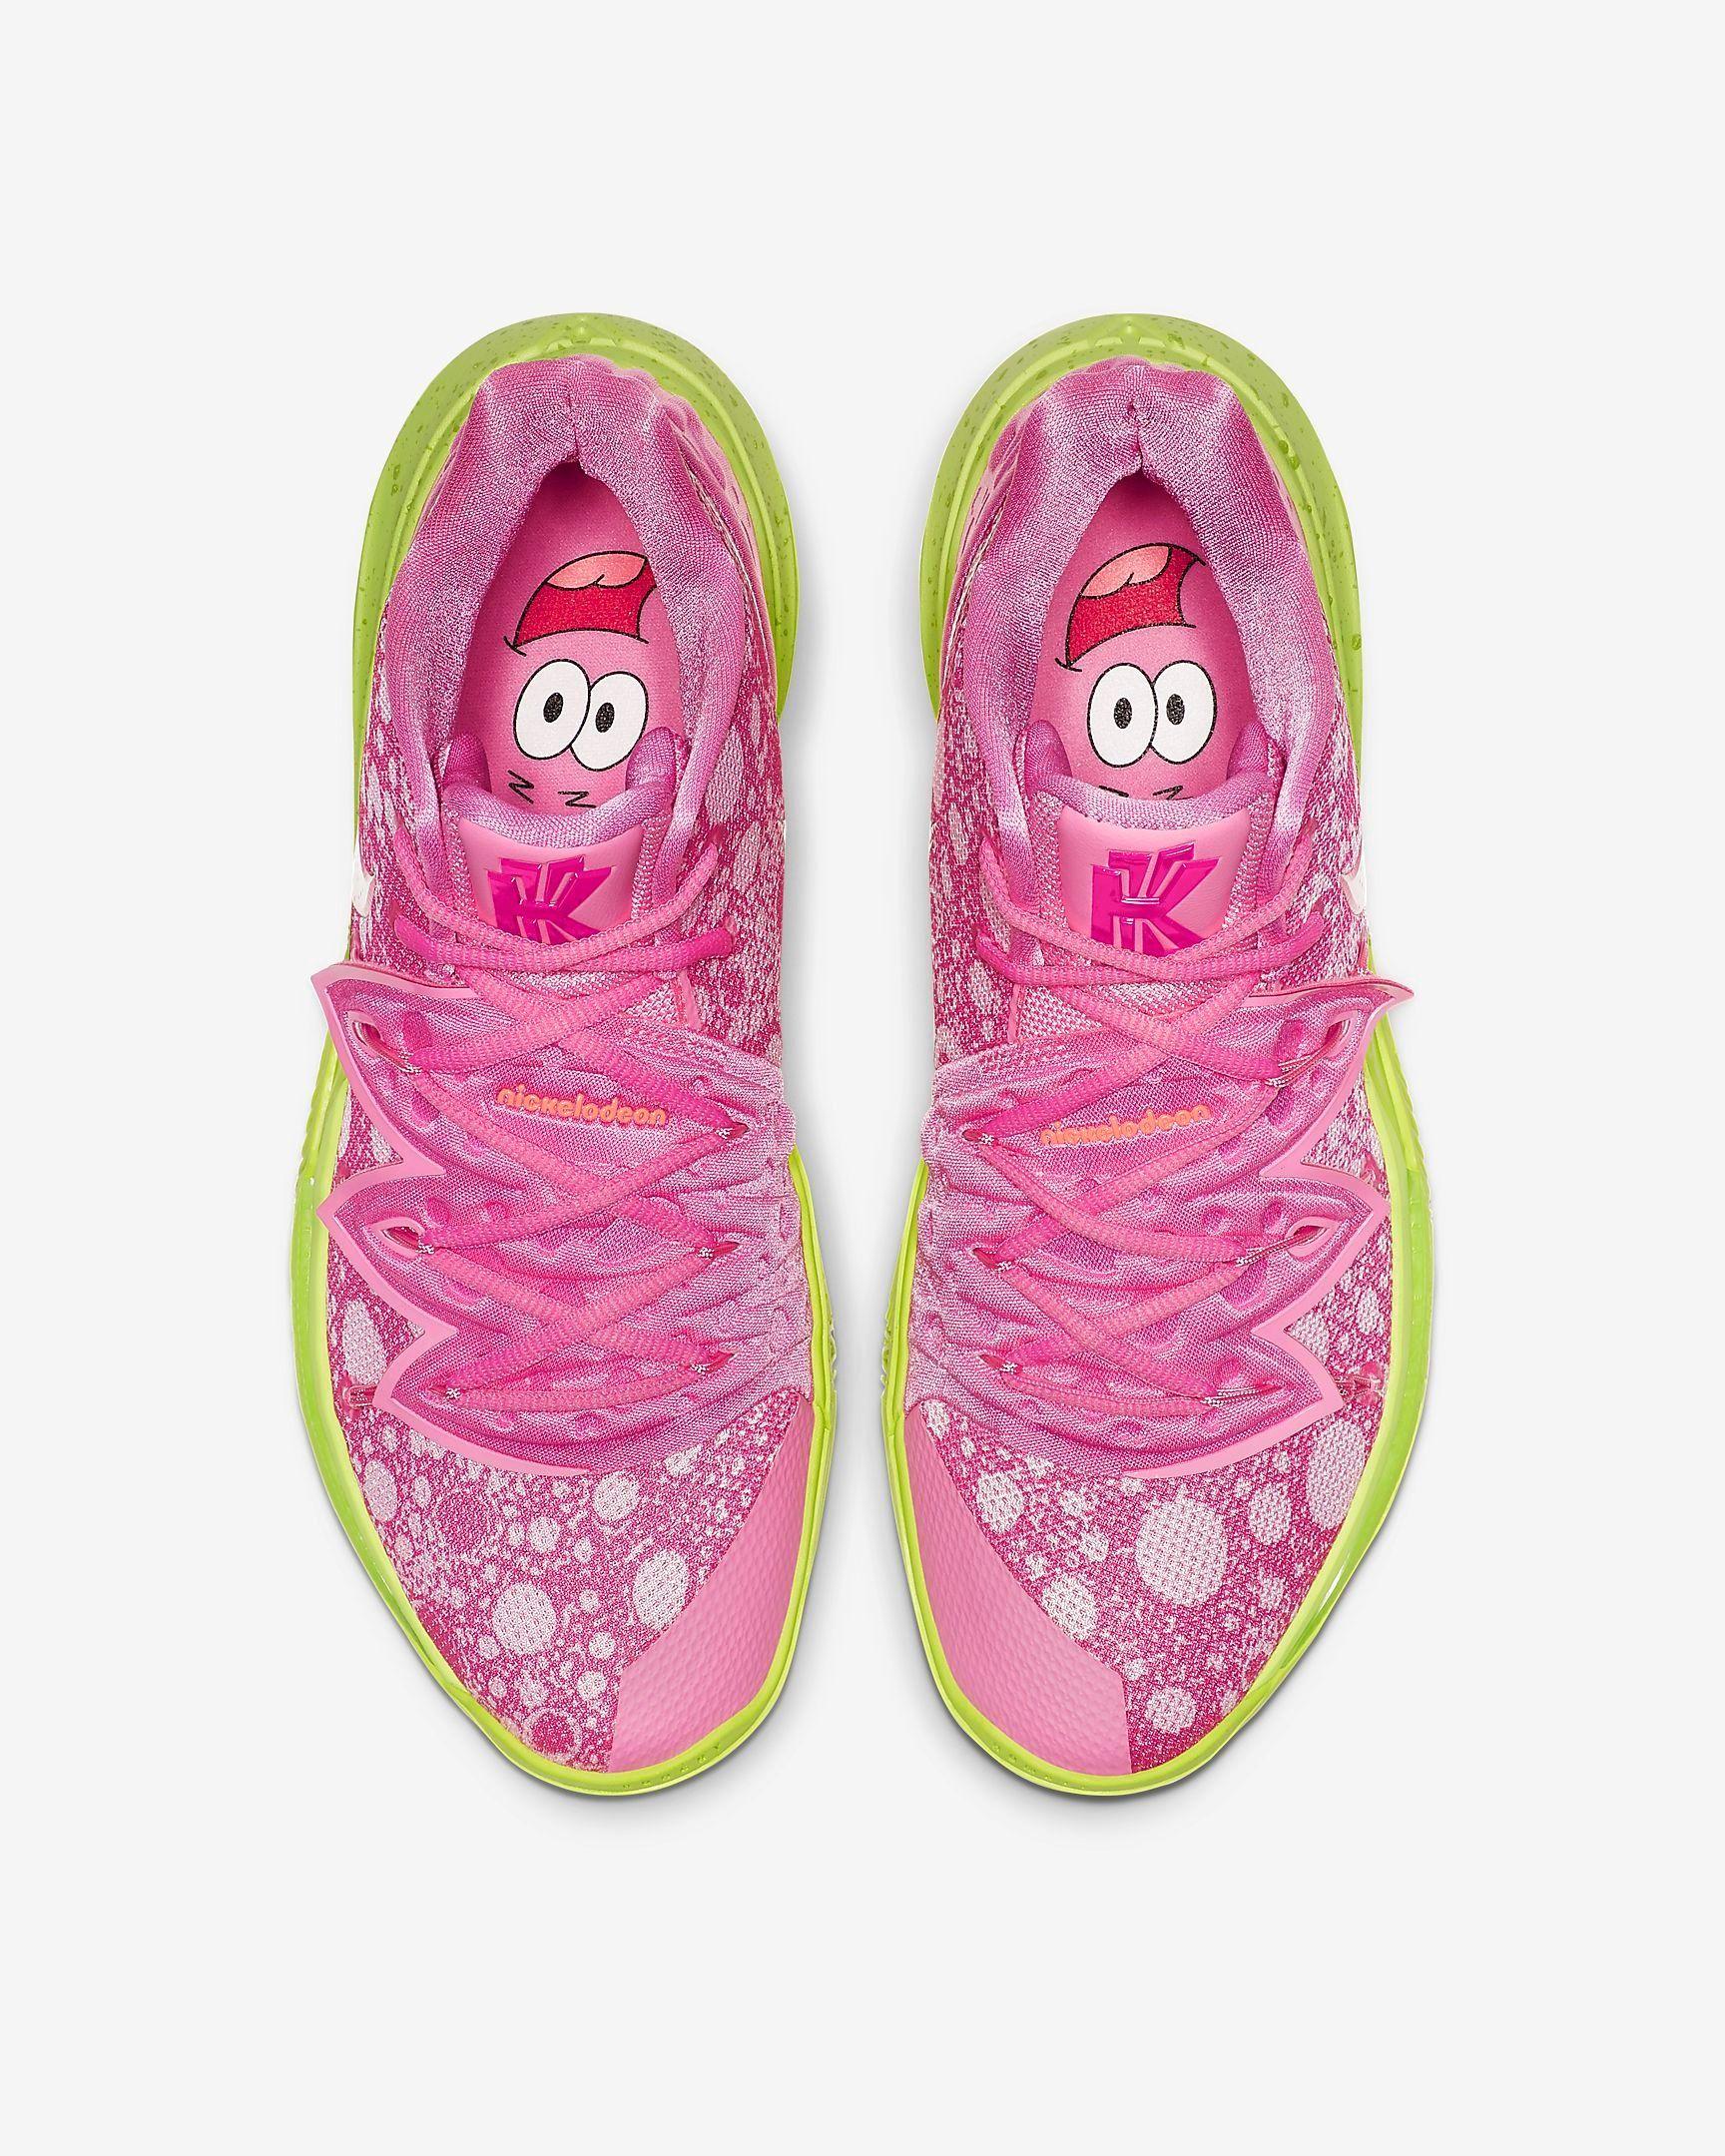 Nike Kyrie 5 Patrick Star | Nike kyrie